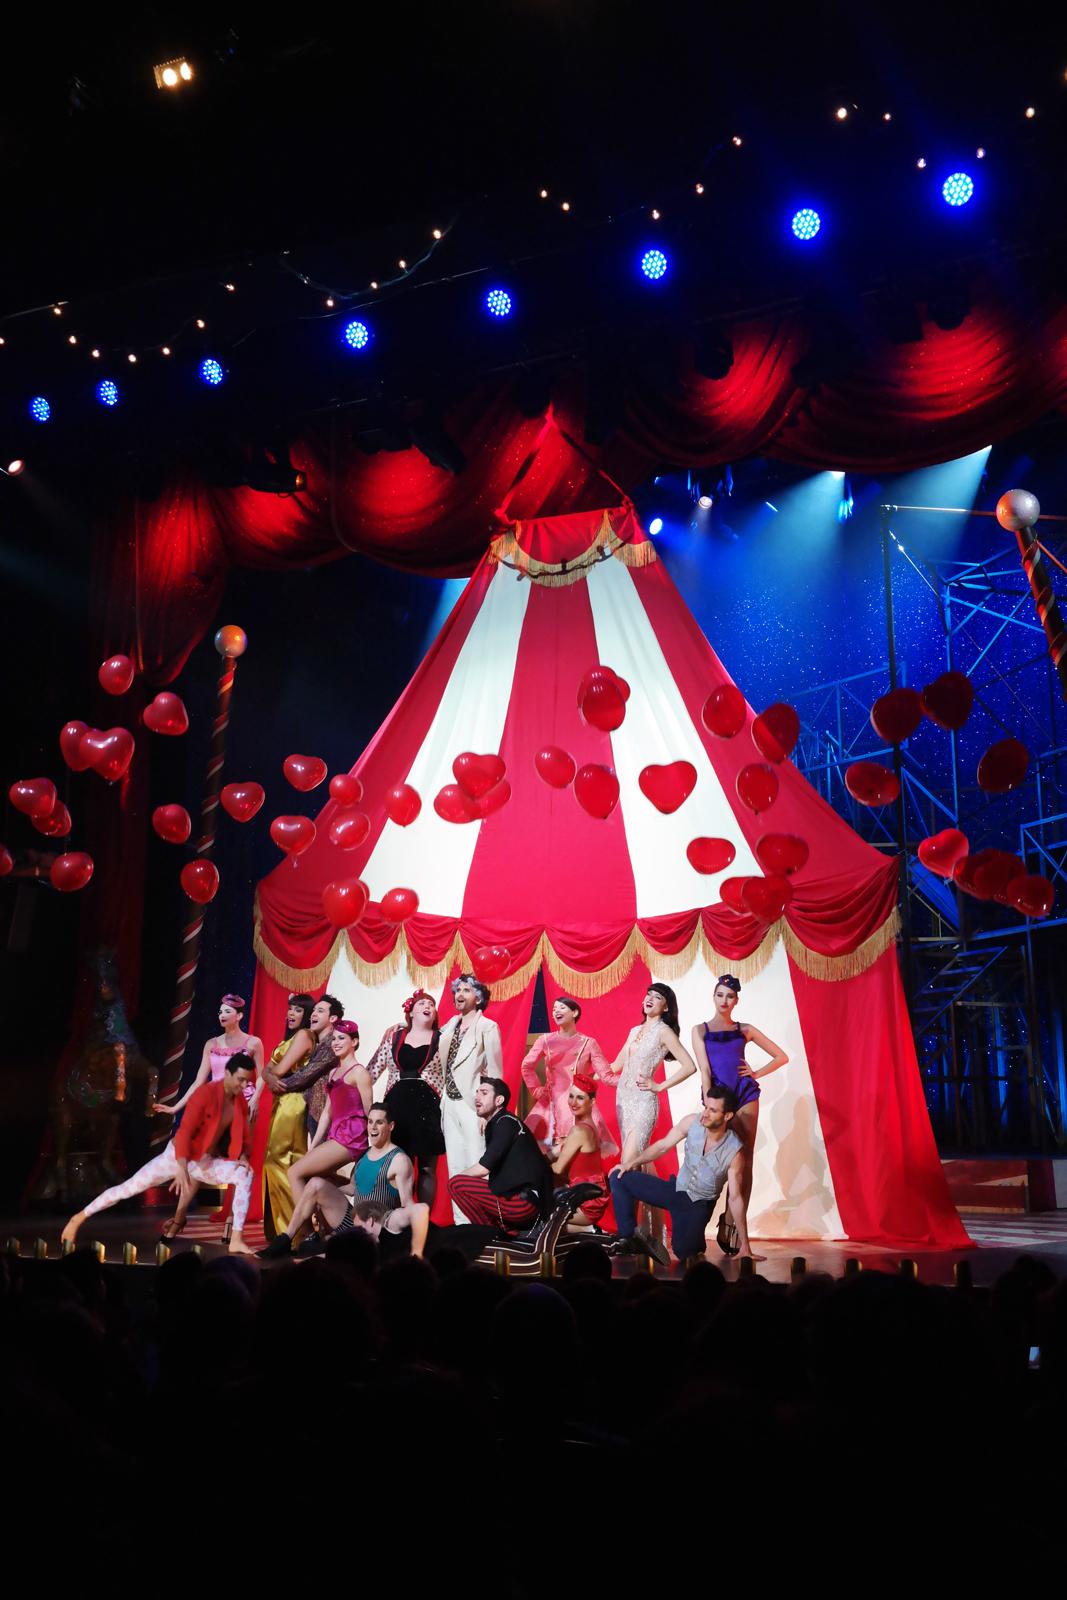 La Troupe de Love Circus la comédie musicale Les Folies Bergère avec Vincent Heden Fanny Fourquez Lola Cès Sofia Mountassir Flo Malley salut avec ballons photo scène usofparis blog